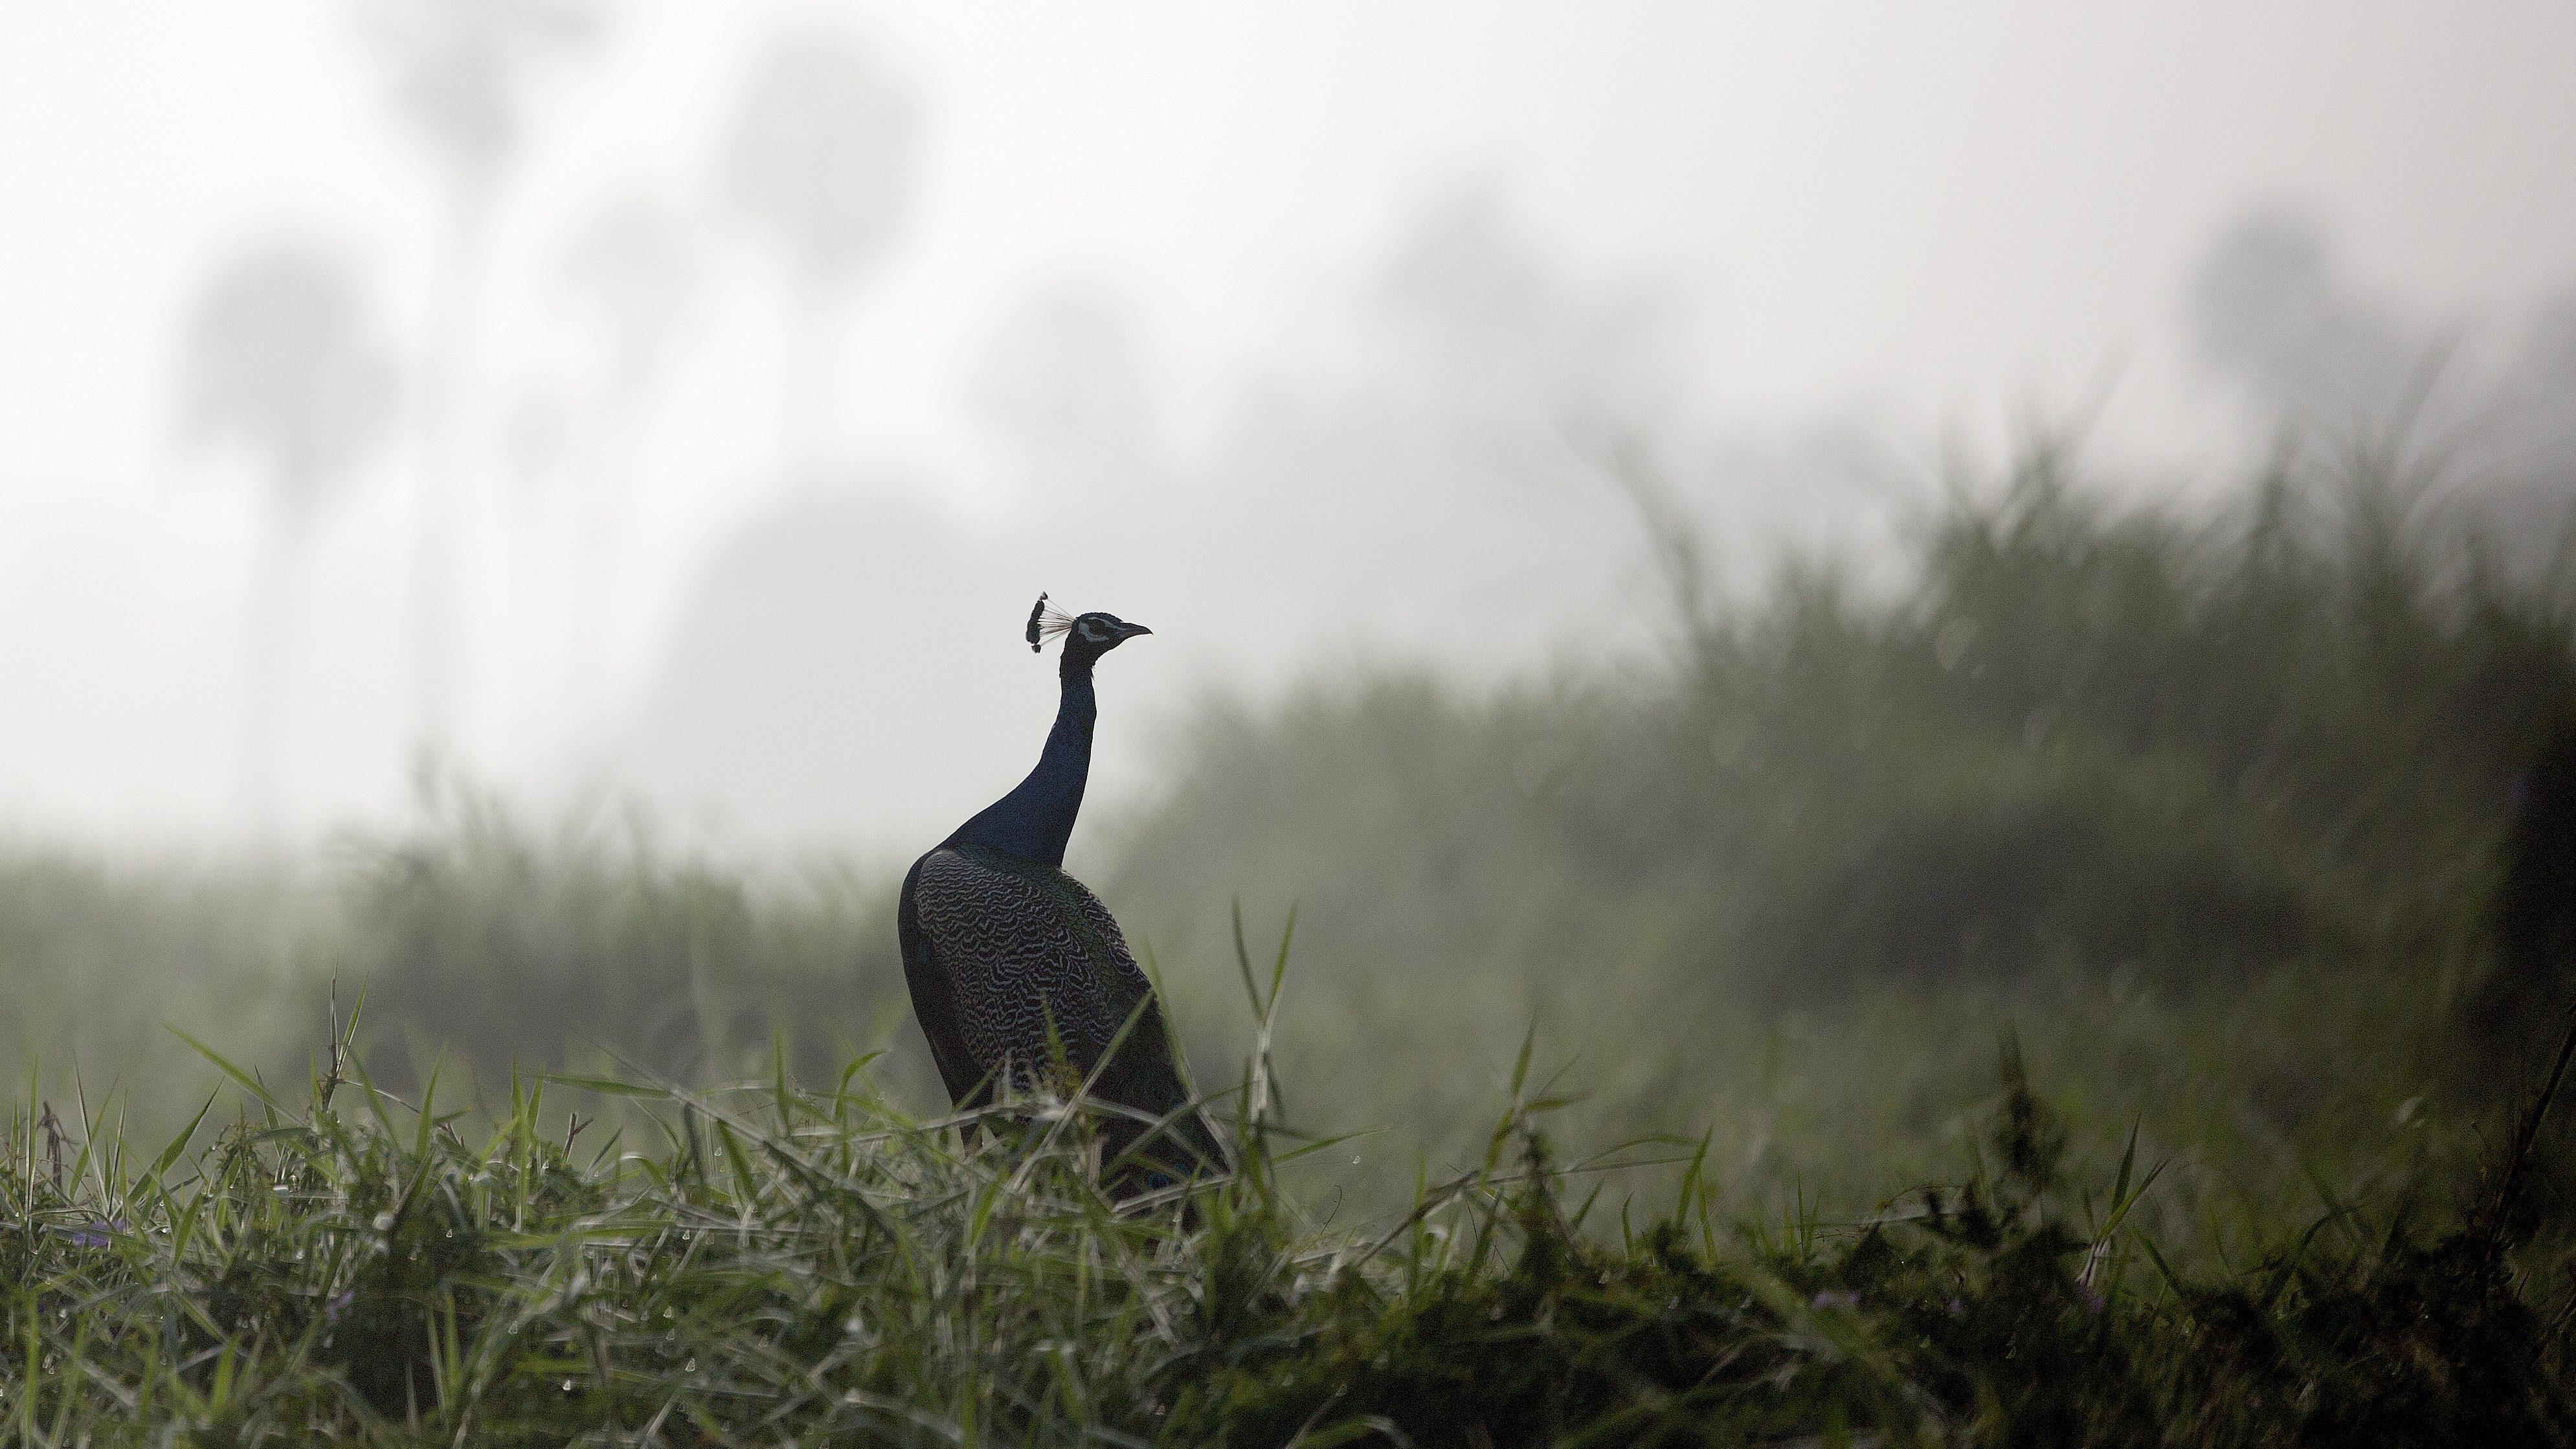 Kerala-Peacocks-Climate Change